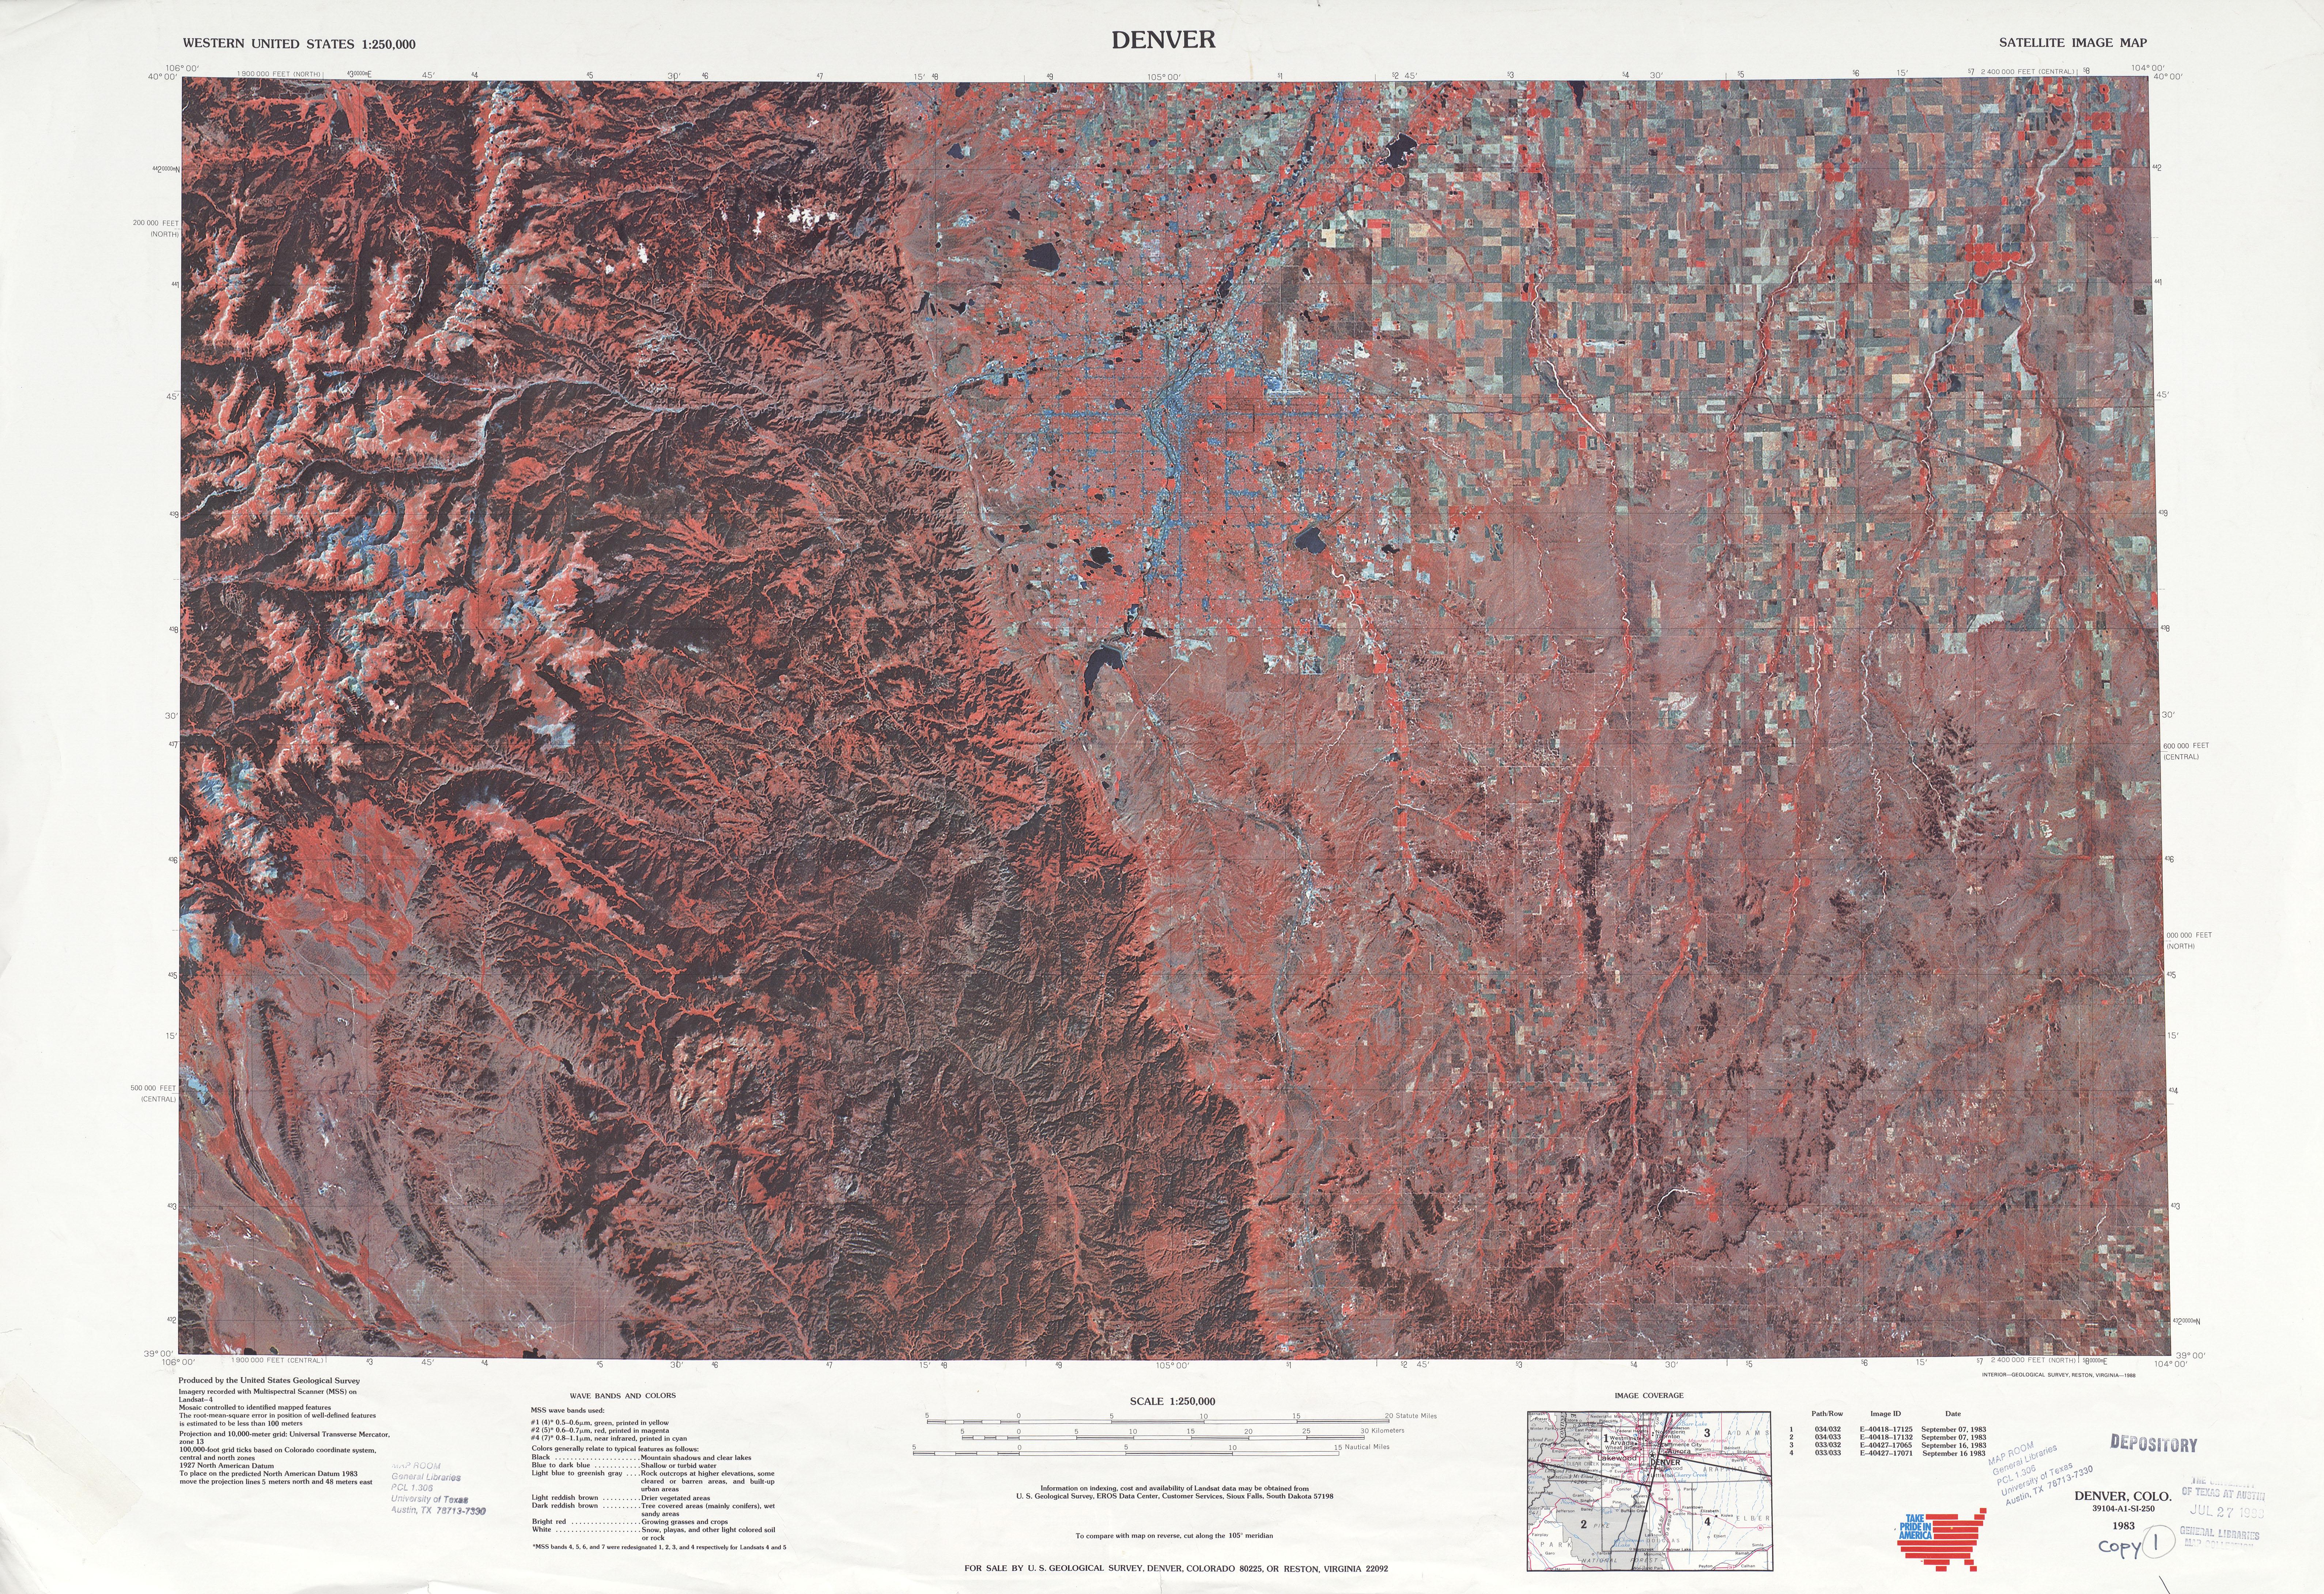 Hoja Denver de la Imagen Satelital de los Estados Unidos 1978